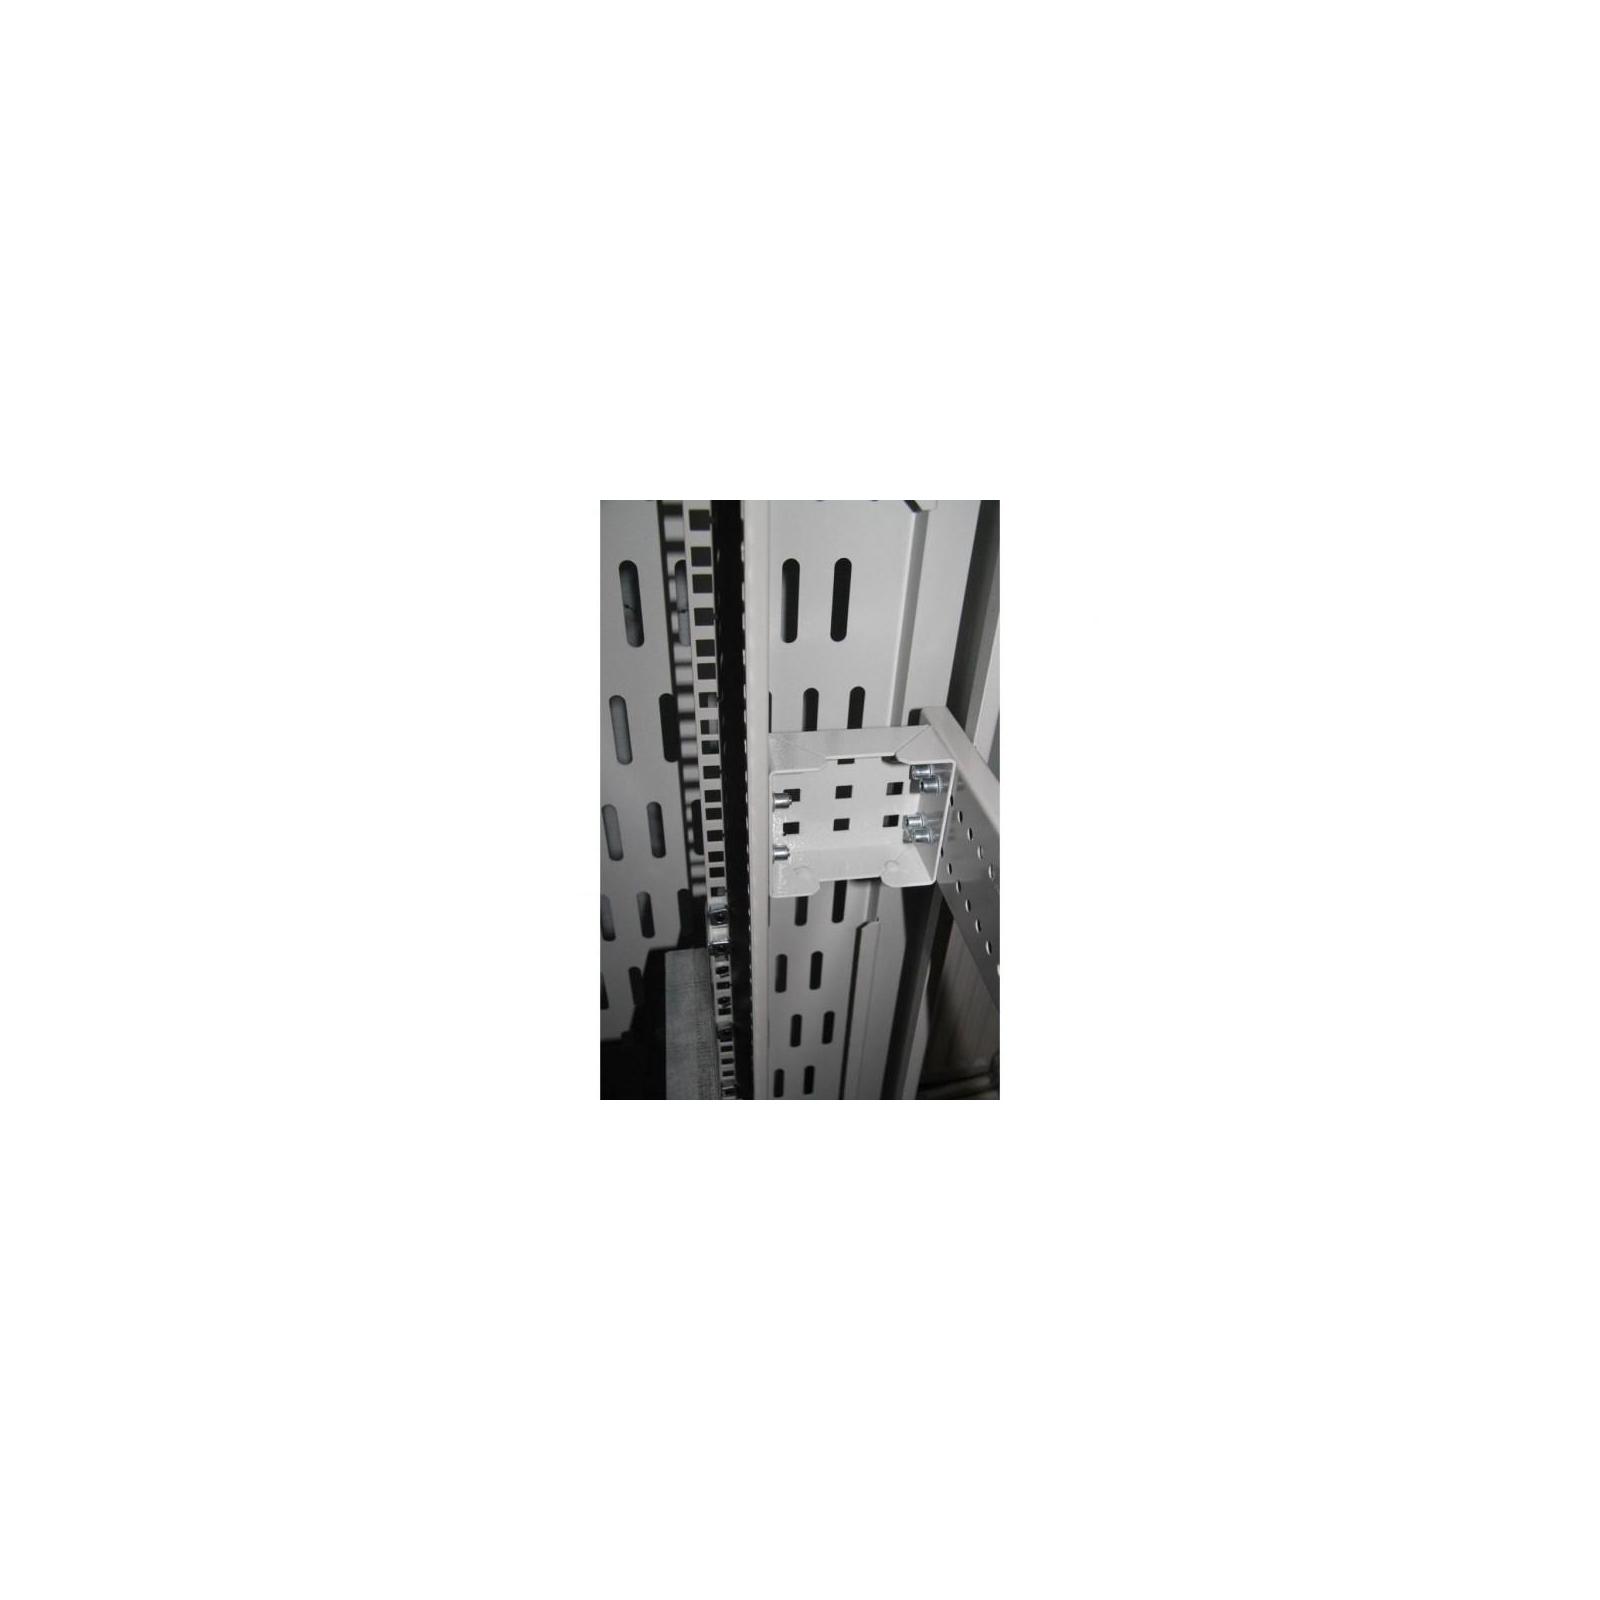 Шкаф напольный CSV 42U Rackmount S 800x1200 Acrylic изображение 7